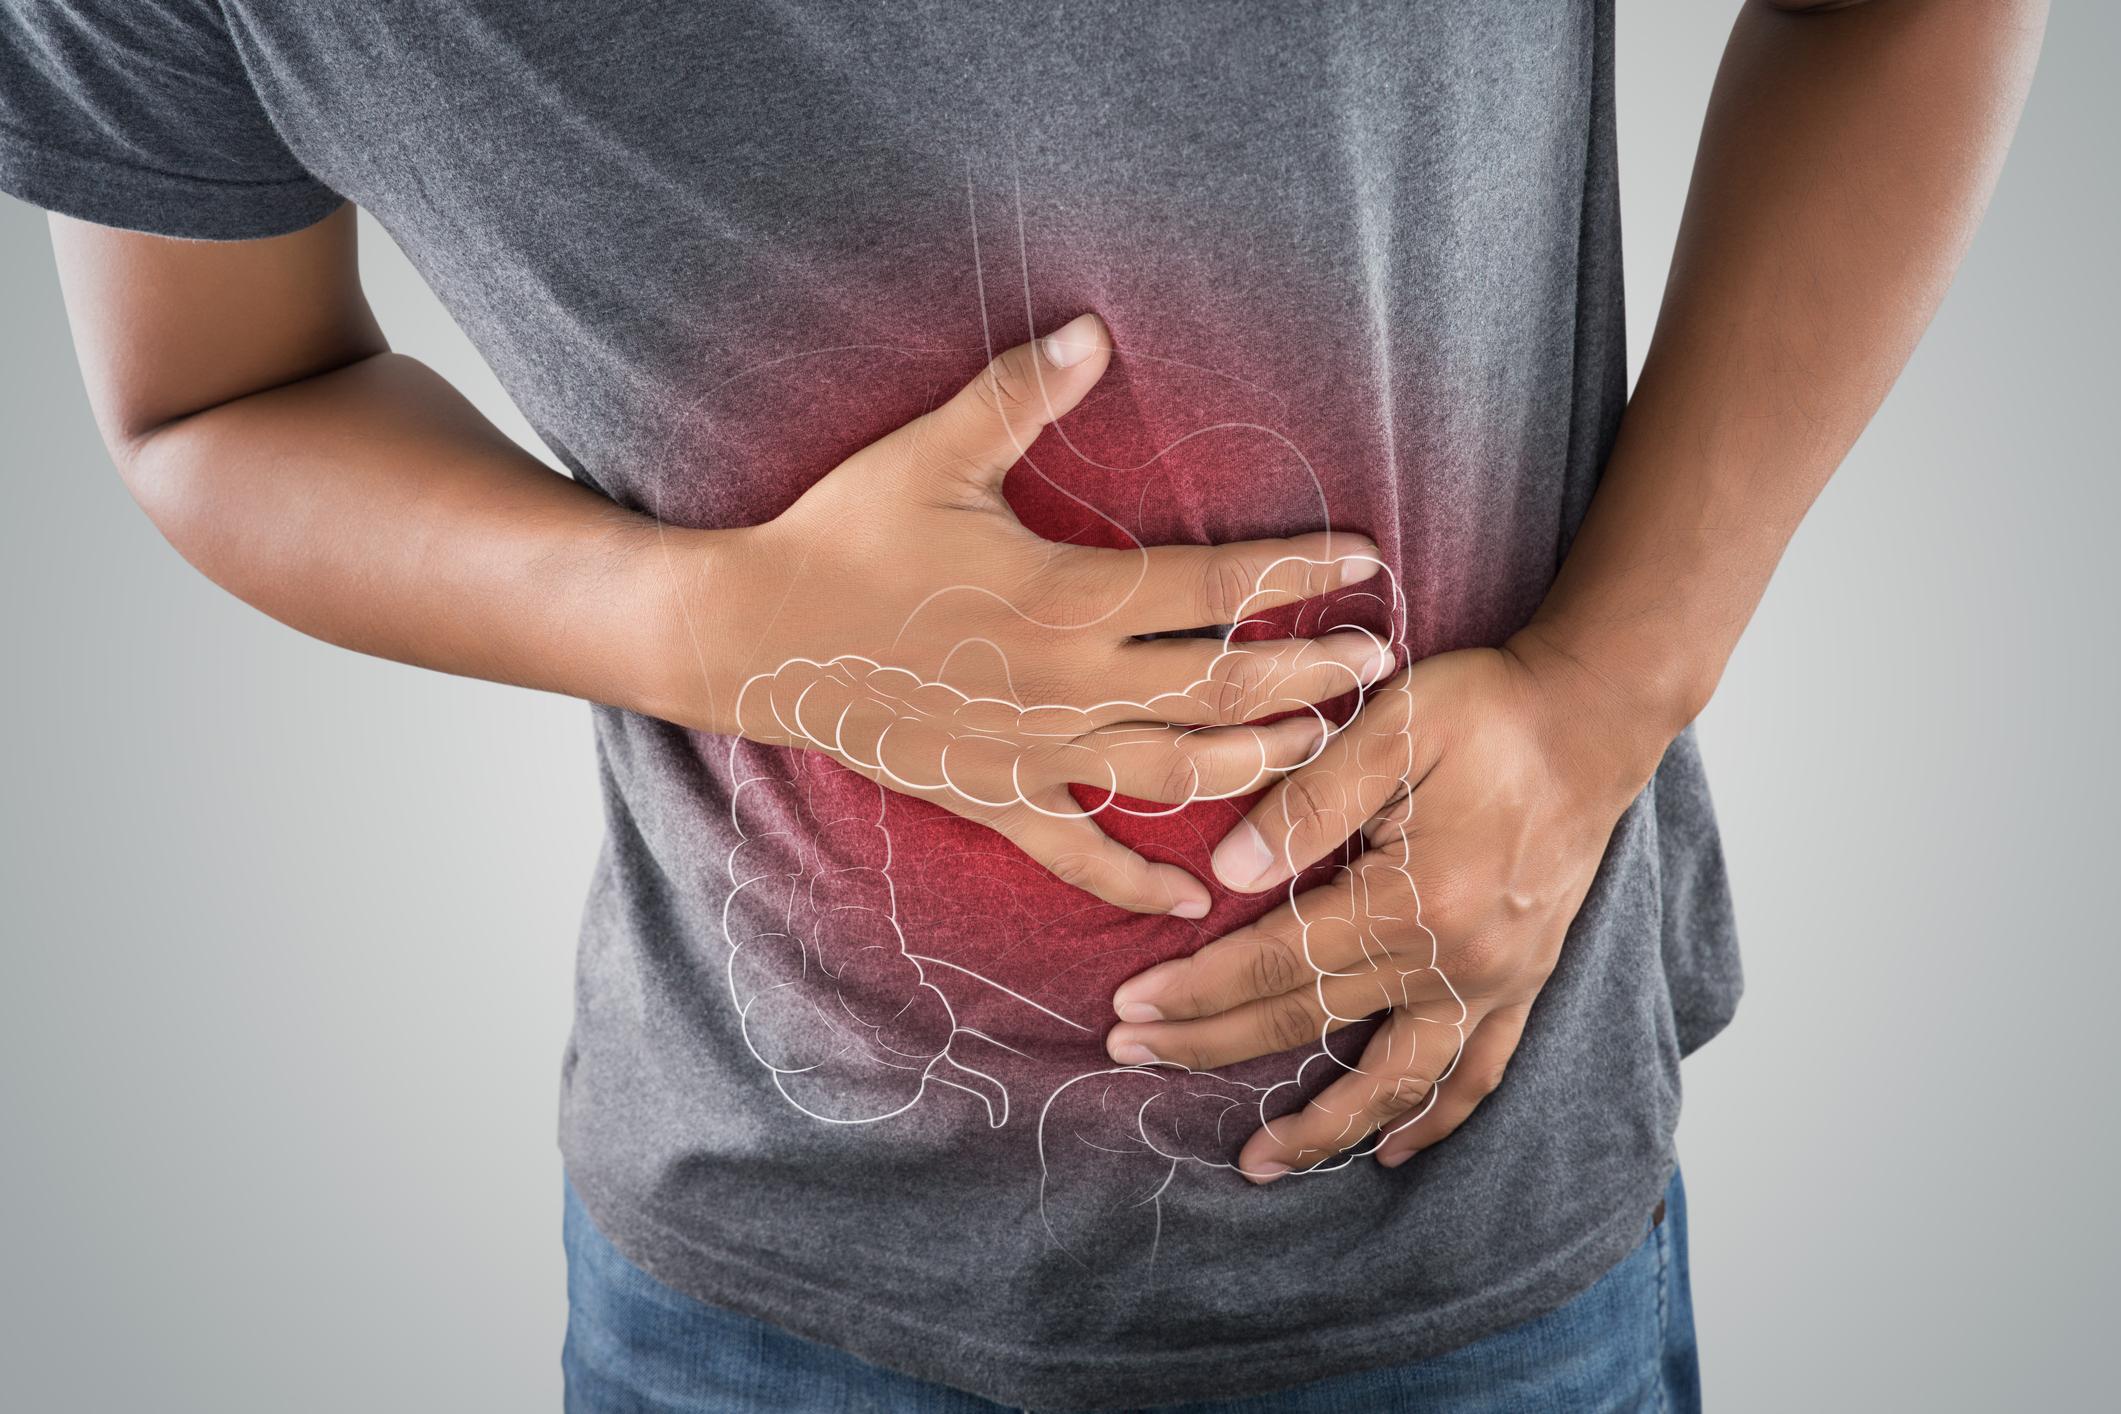 Se você já reparou que tem hipersensibilidade intestinal e diarreia, somados a dores abdominais, pode ser sintomas da Síndrome do Intestino Irritável.